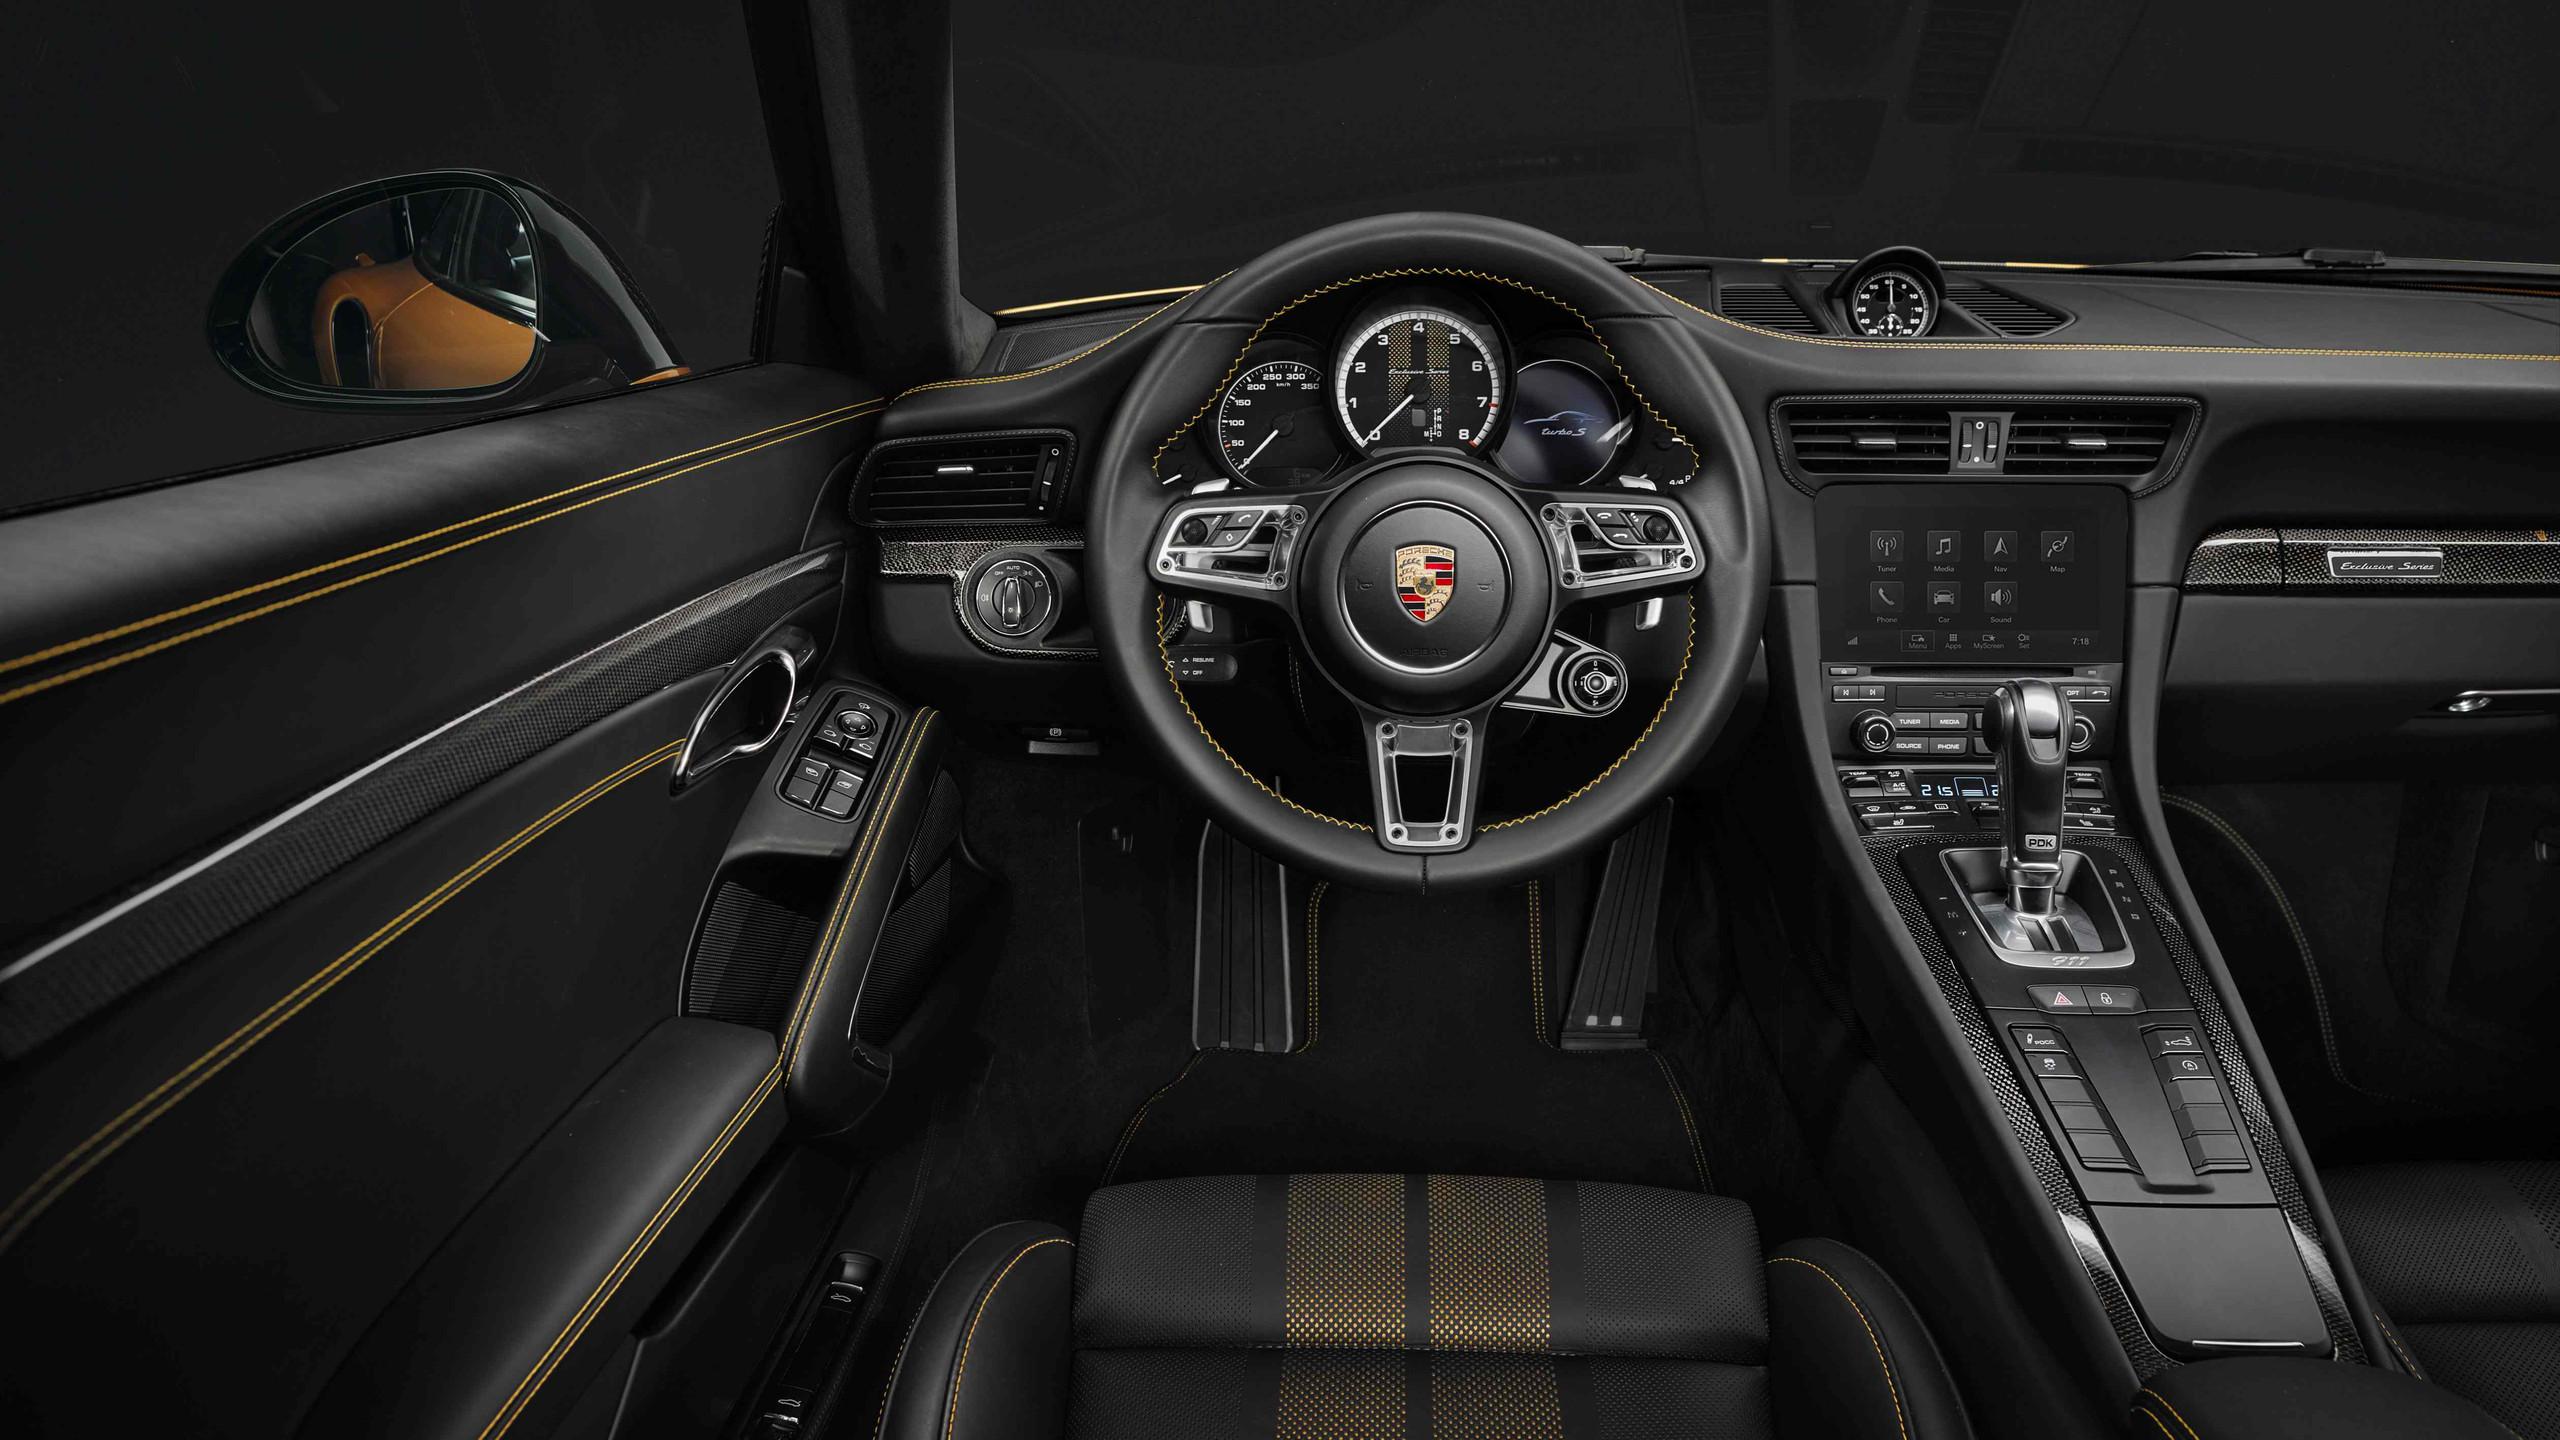 911 Turbo S Exclusive Series 5